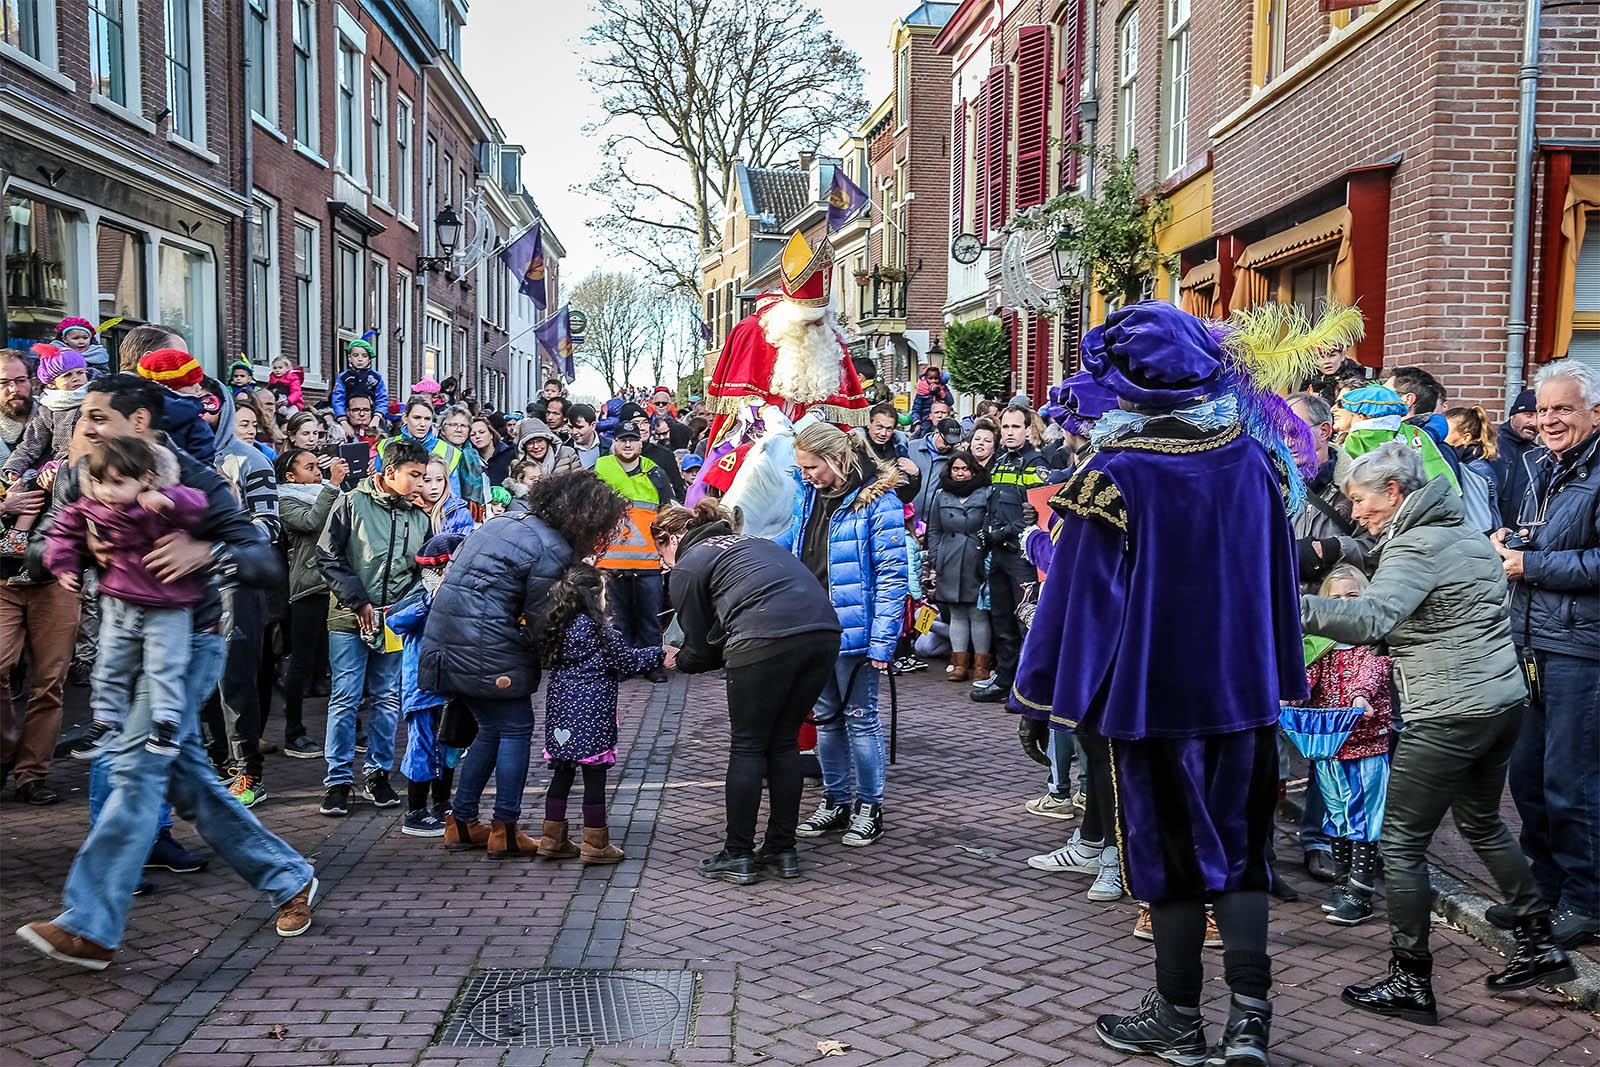 culemborg intocht sinterklaas 2018_0013_©John Verhagen-Sinterklaas 2018-0354.jpg